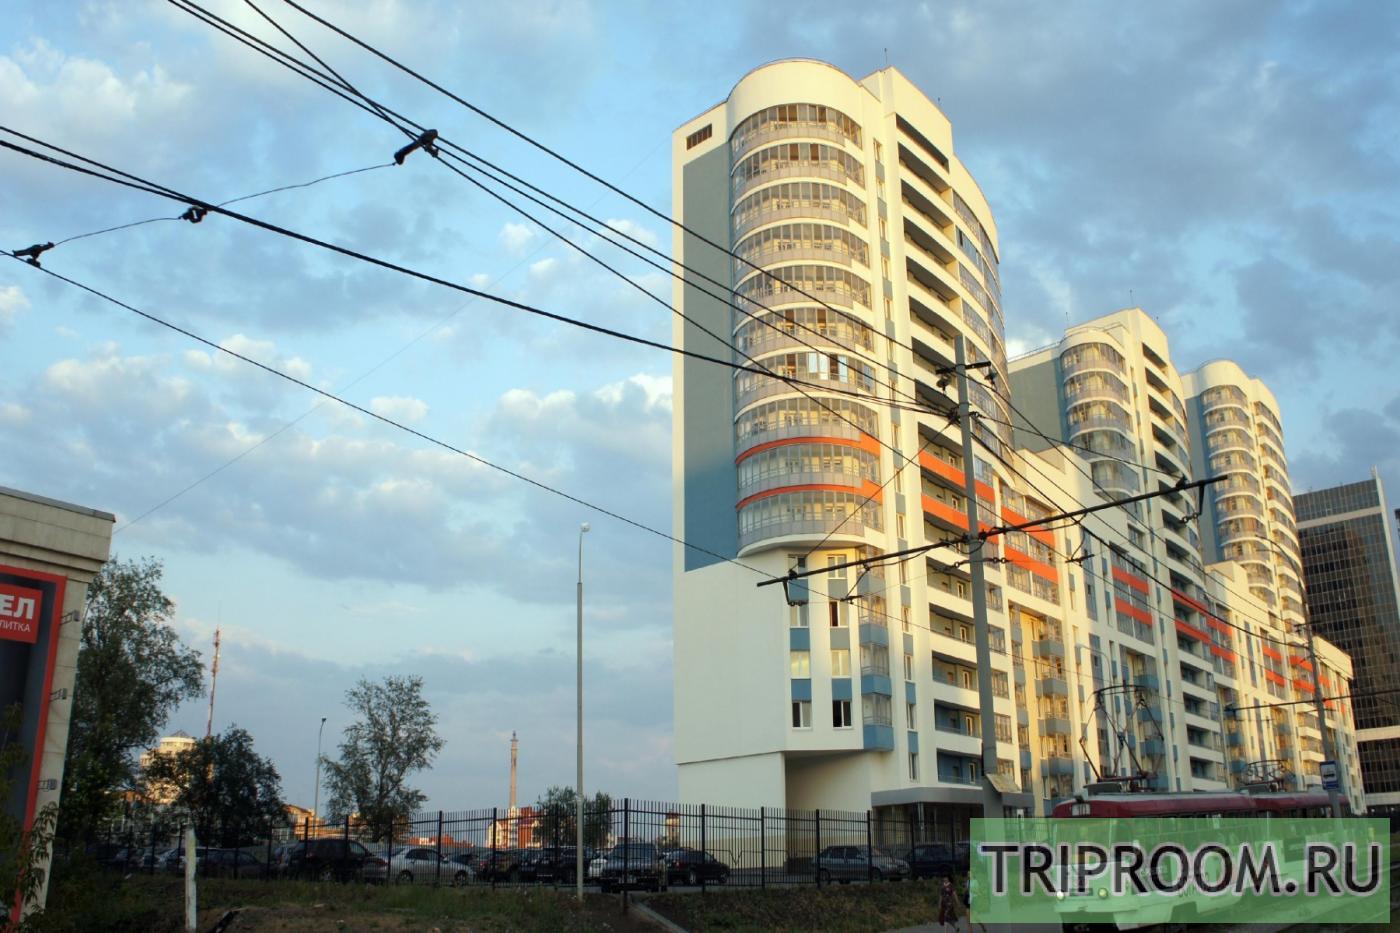 1-комнатная квартира посуточно (вариант № 23100), ул. Московская улица, фото № 18